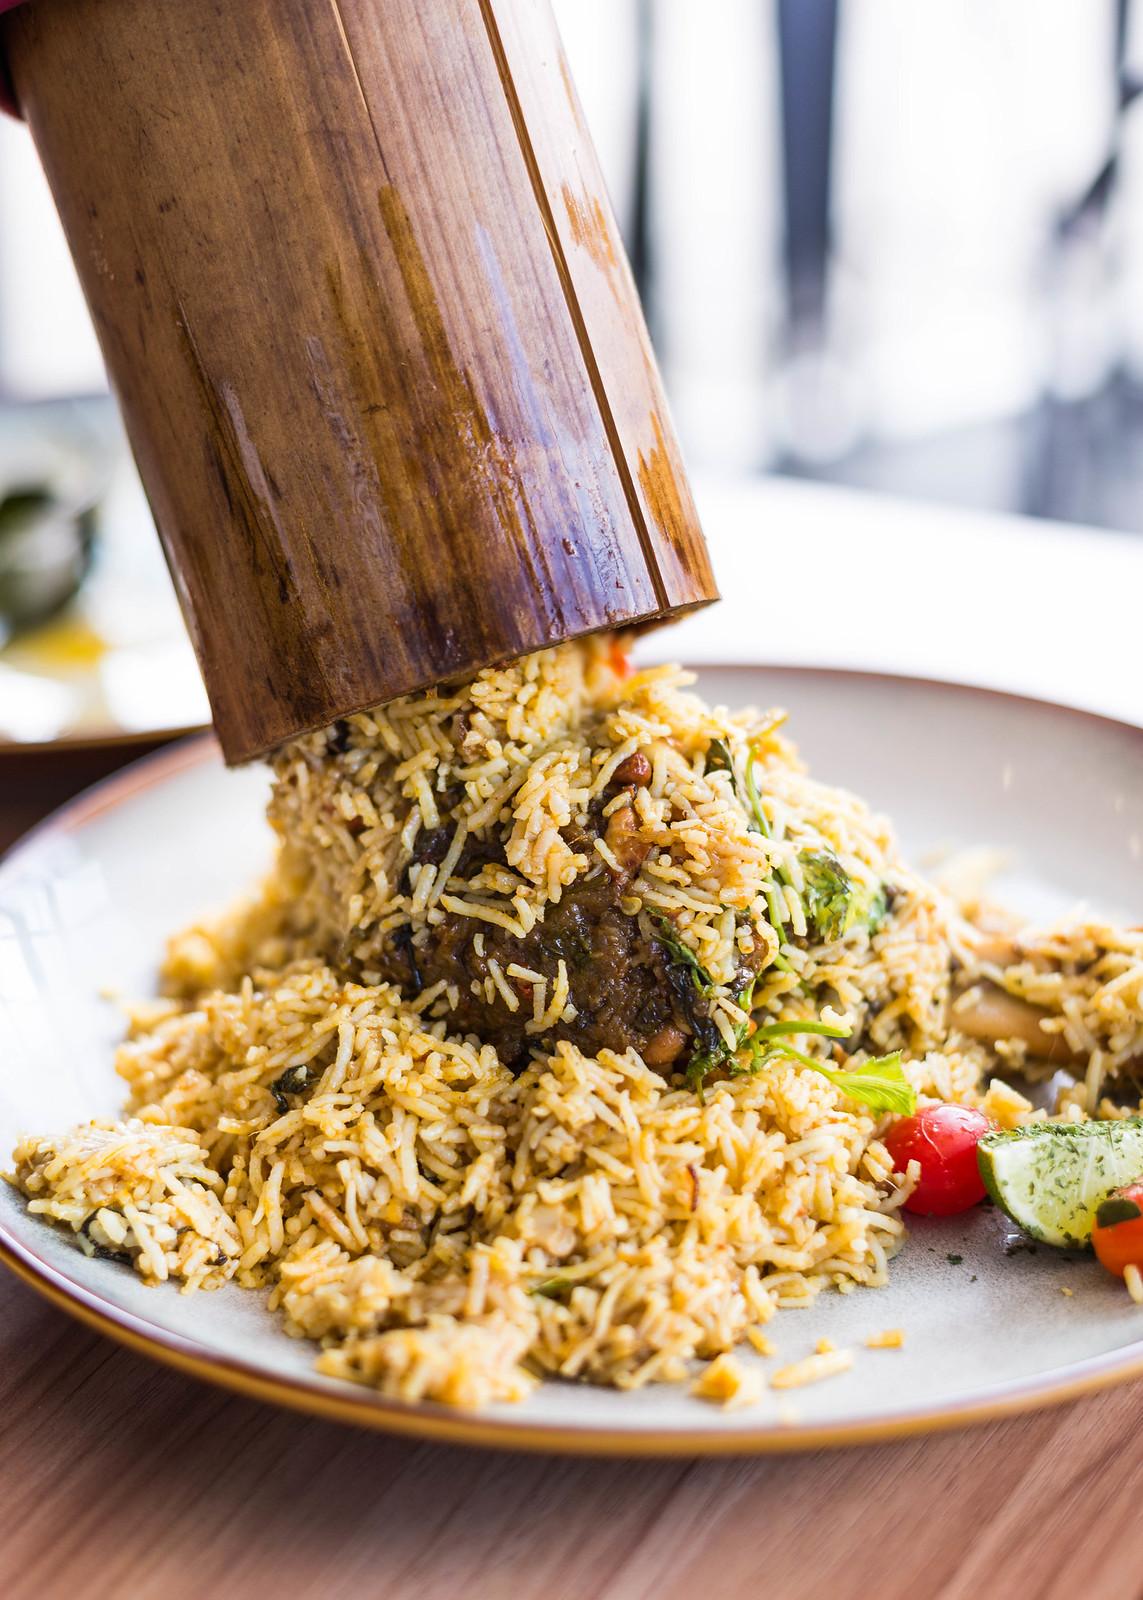 Paya Lebar美食:99间小酒馆和厨房